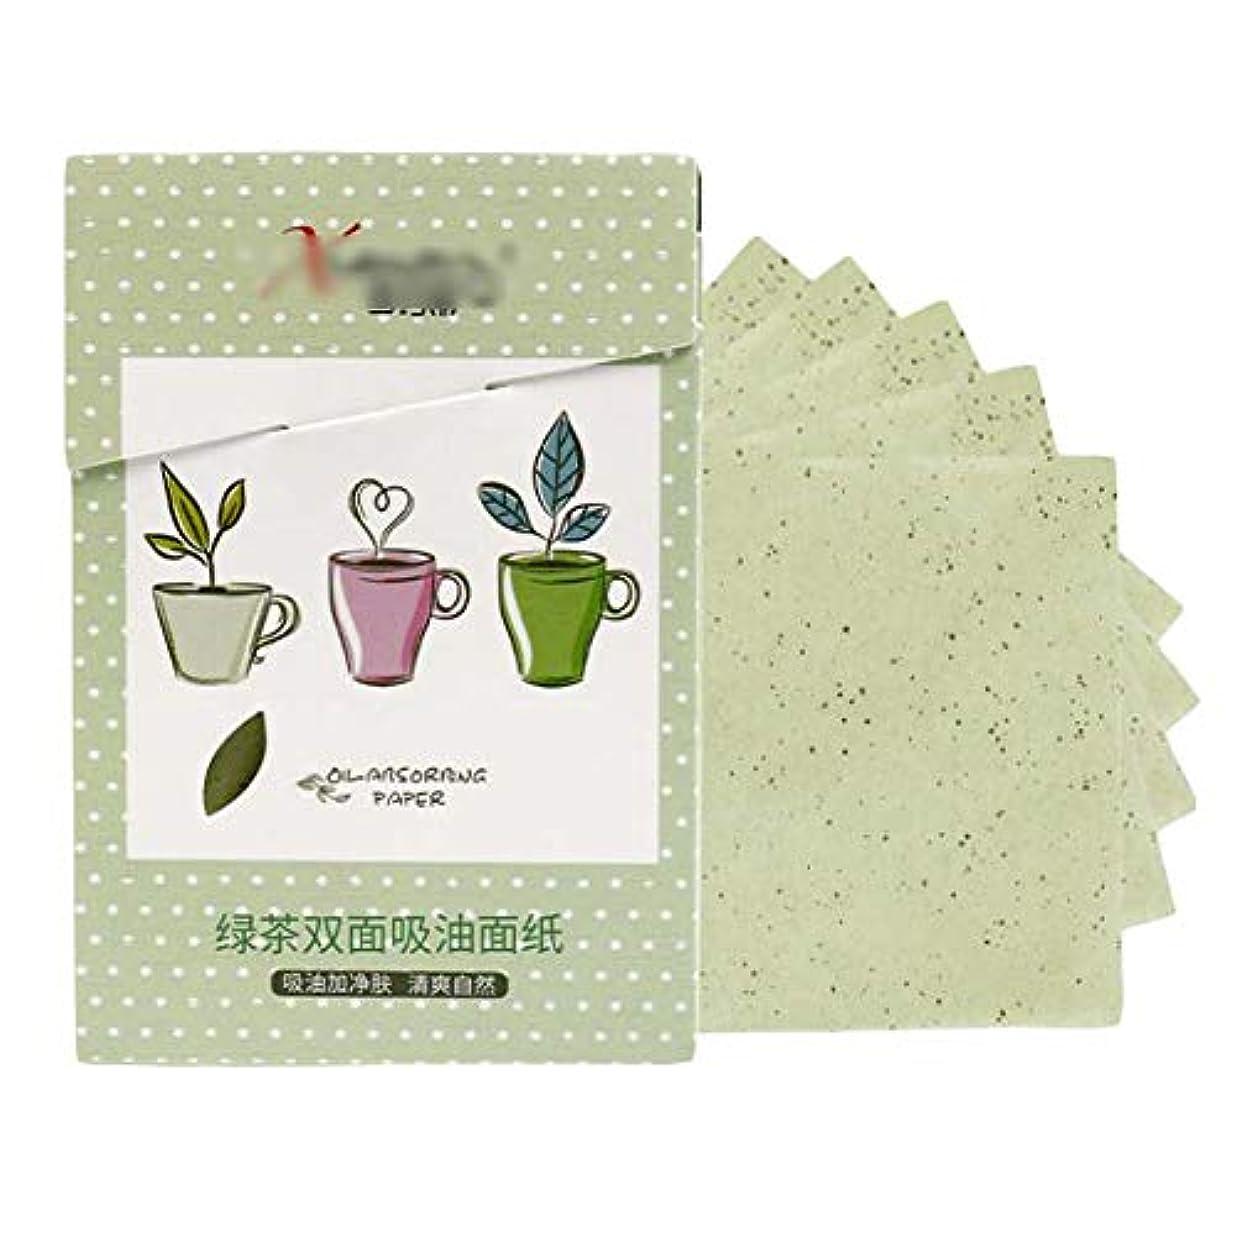 中間トレーニング溶融緑茶オイルブロッティングティッシュフェイスオイル吸収紙、200枚